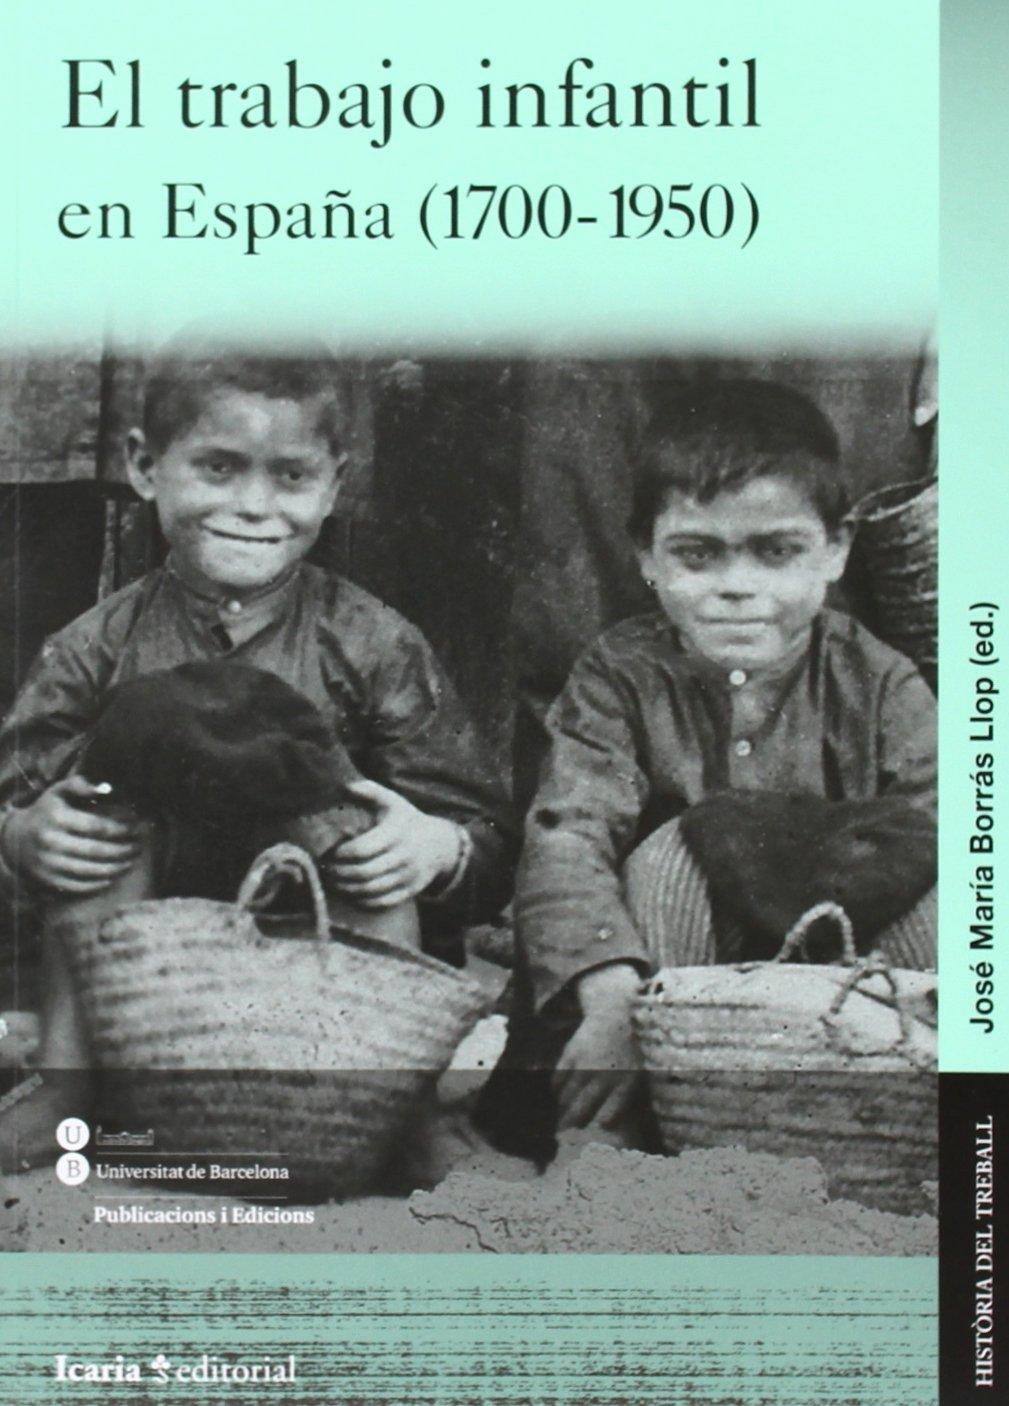 El trabajo infantil en España 1700-1950 HISTÒRIA DEL TREBALL: Amazon.es: Borrás Llop, José María: Libros